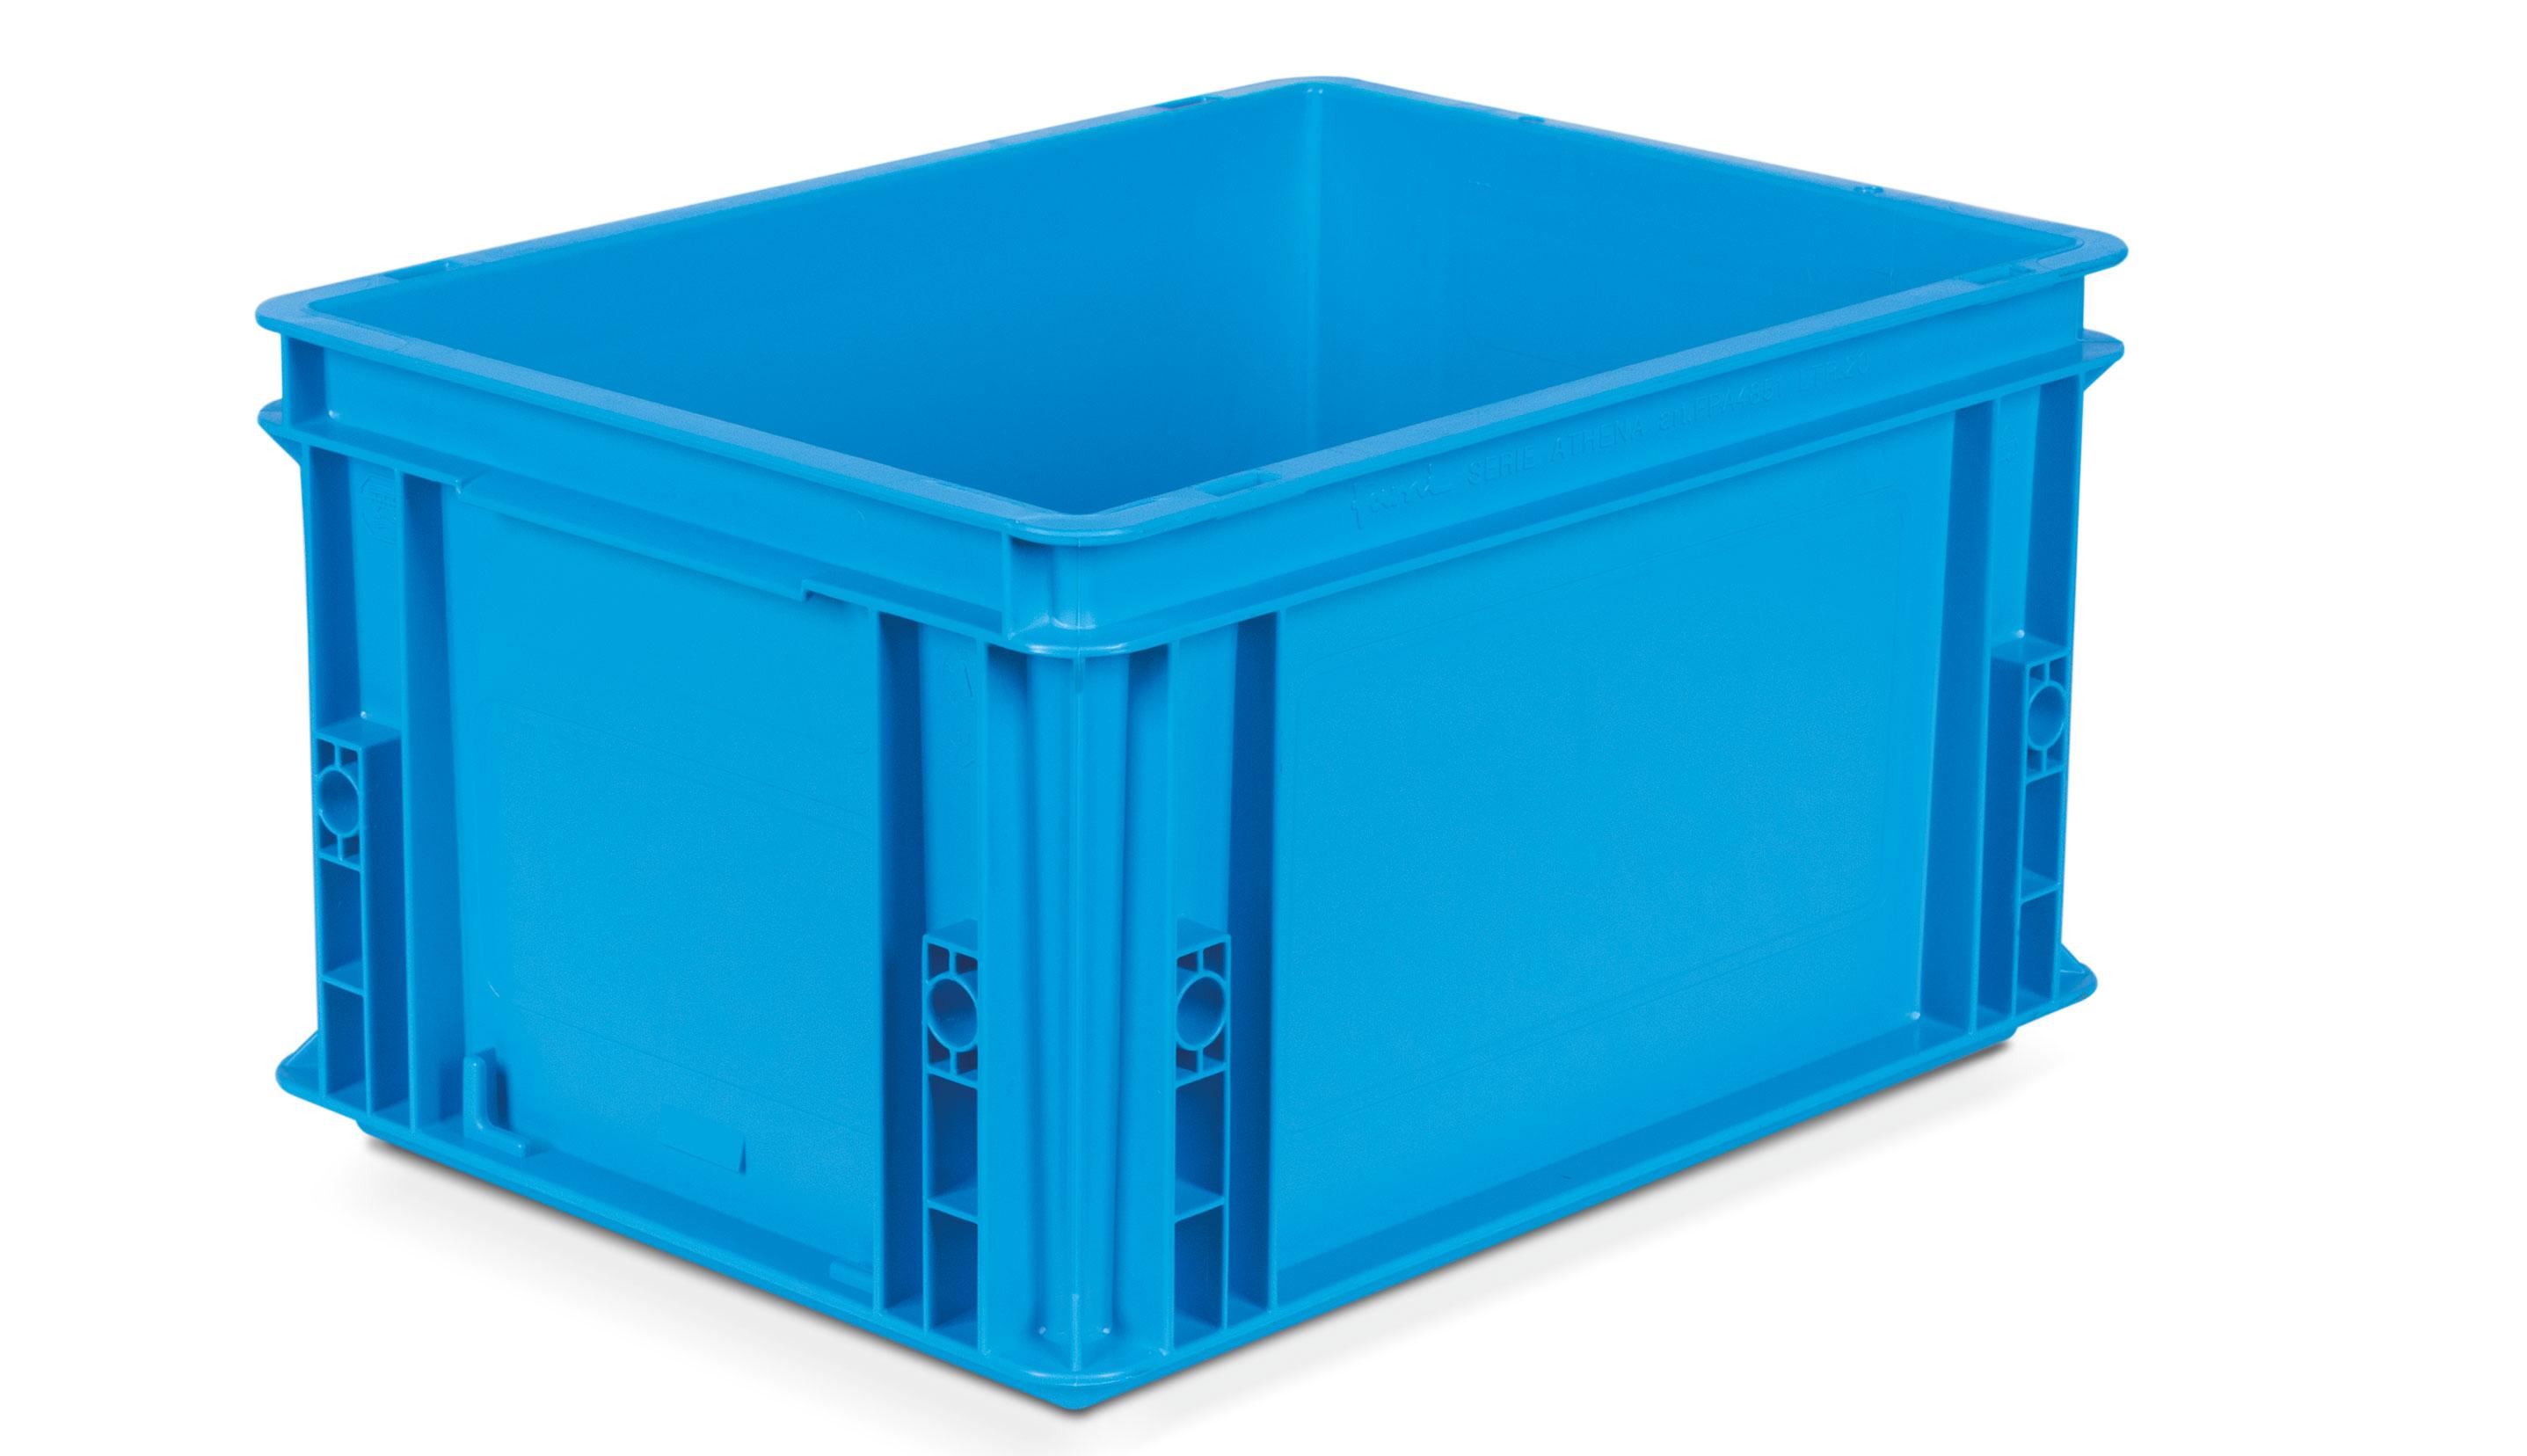 Caisse plastique Bleu 400x300 volume 20 litres